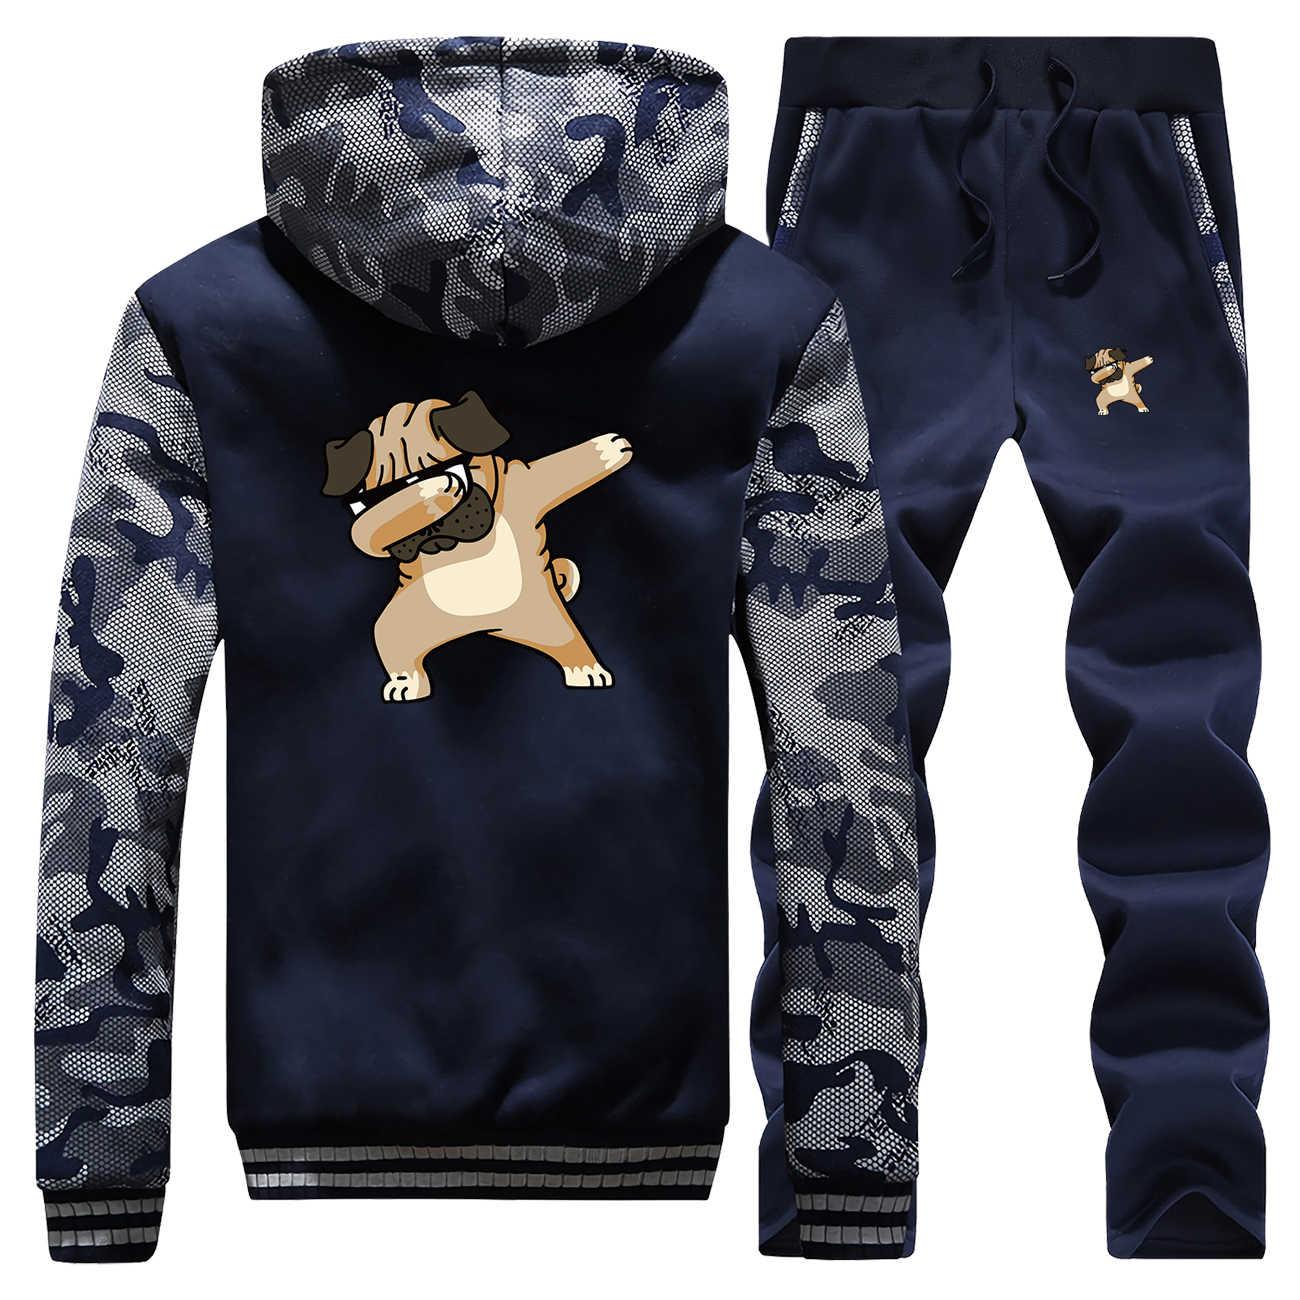 Hip Hop Hond Grappige Print Jassen Heren Camo Set Mode Casual Streetwear Animal Compleet Man Trainingspak Winter Fitness Sweatshirt